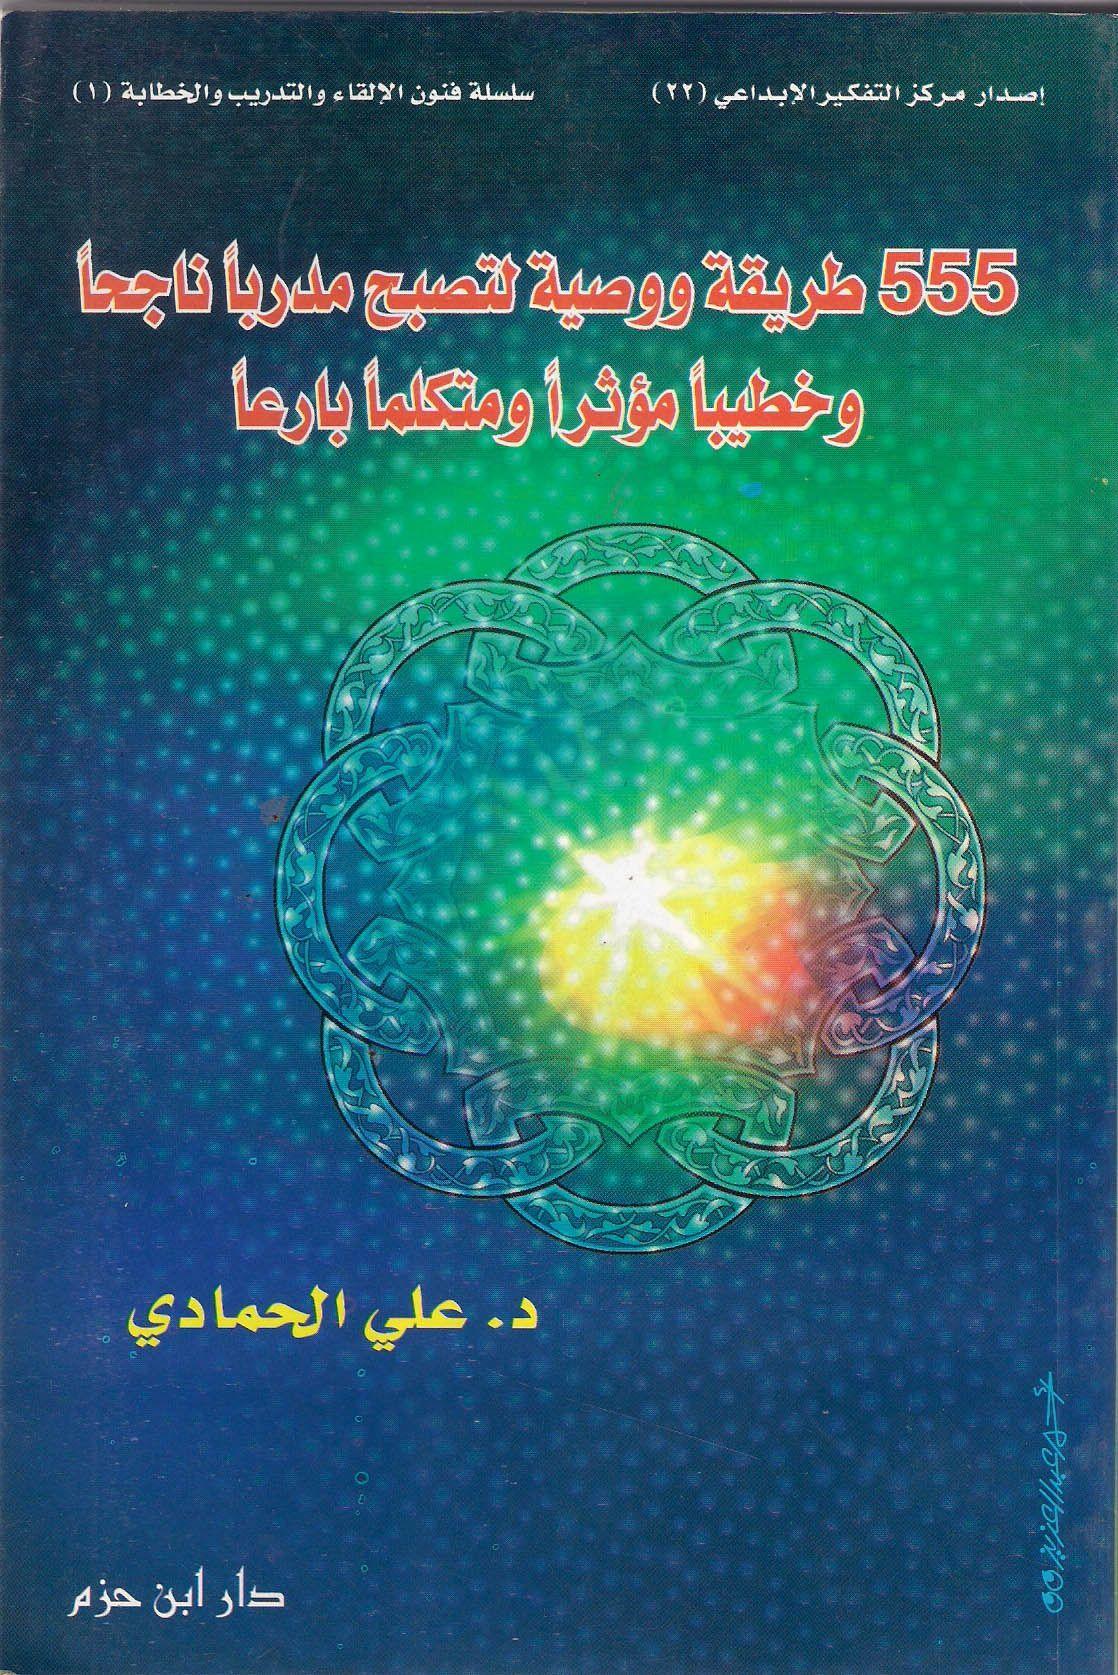 555طريقة ووصية لتصبح مدربا ناجحاوخطيبا مؤثرا ومتكلما بارعا Chapter Books Books Pdf Books